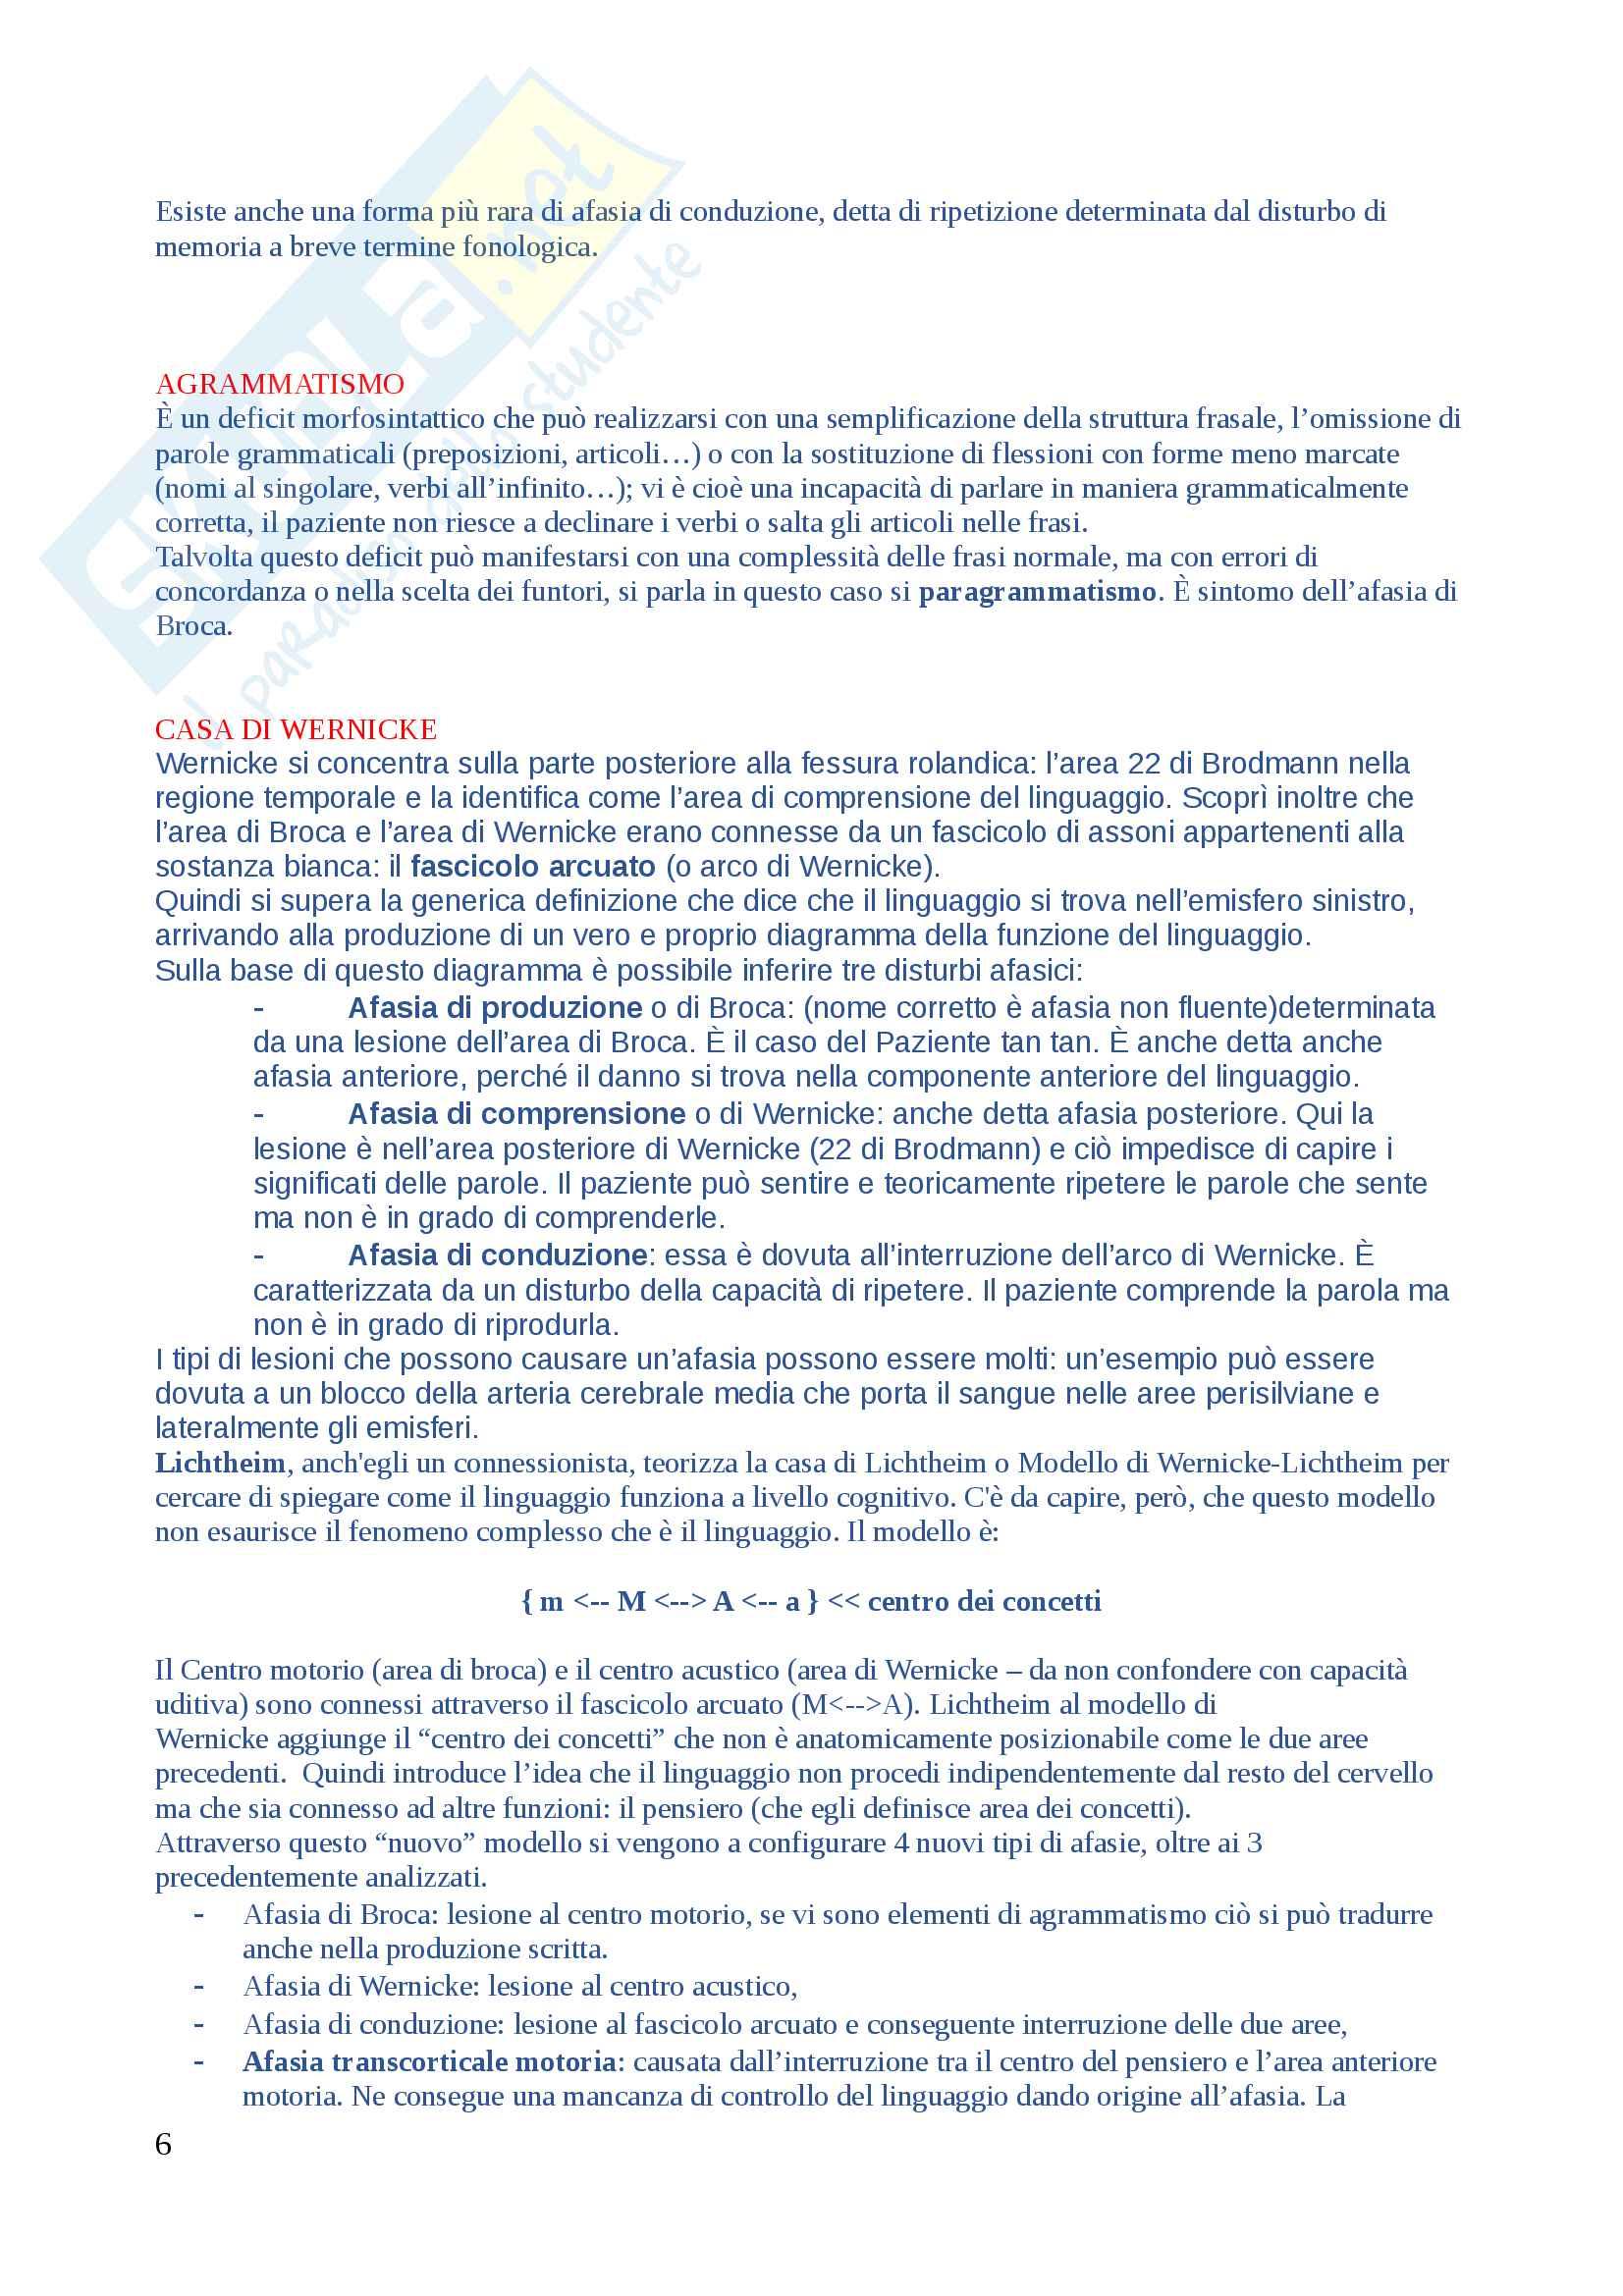 Domande di Neuropsicologia, domande e risposte per esame esaurienti e complete Pag. 6